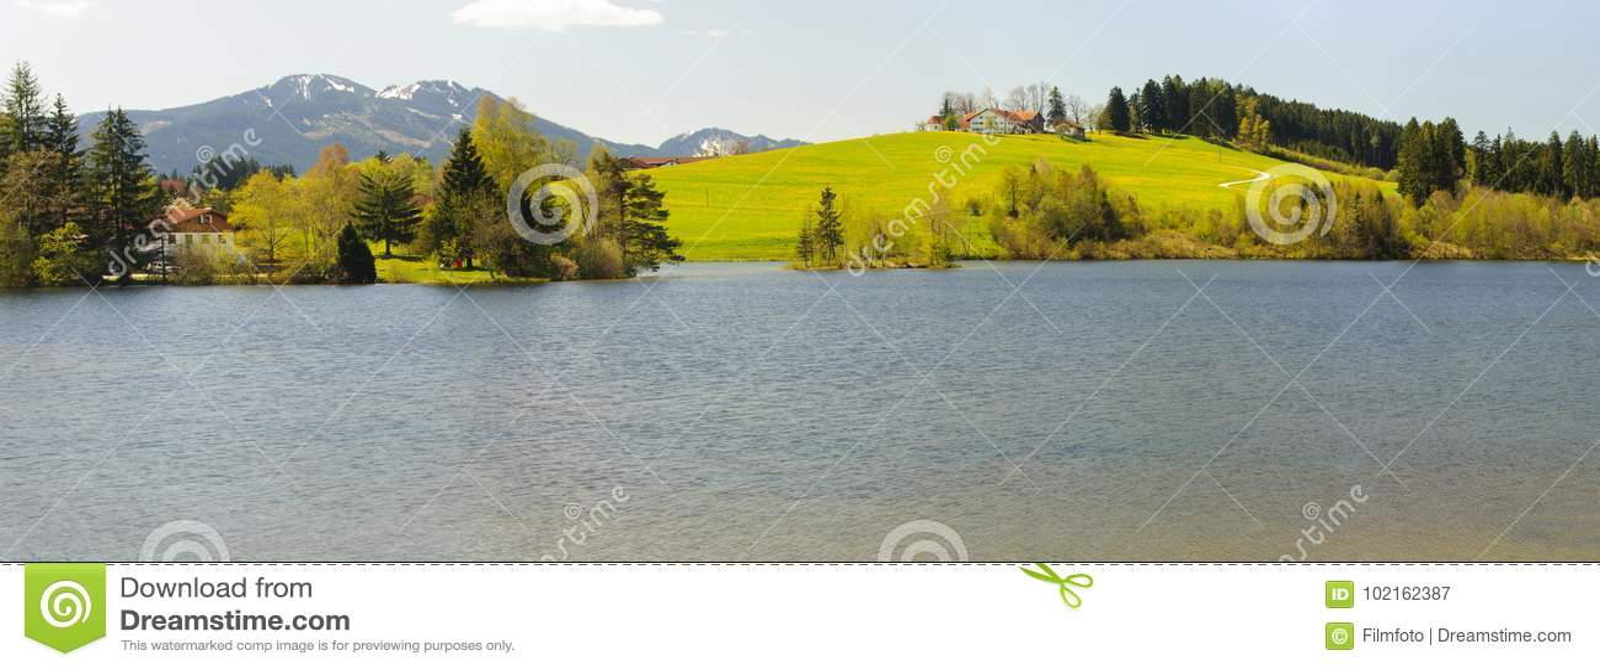 Paesaggio di panorama in Baviera con le montagne delle alpi